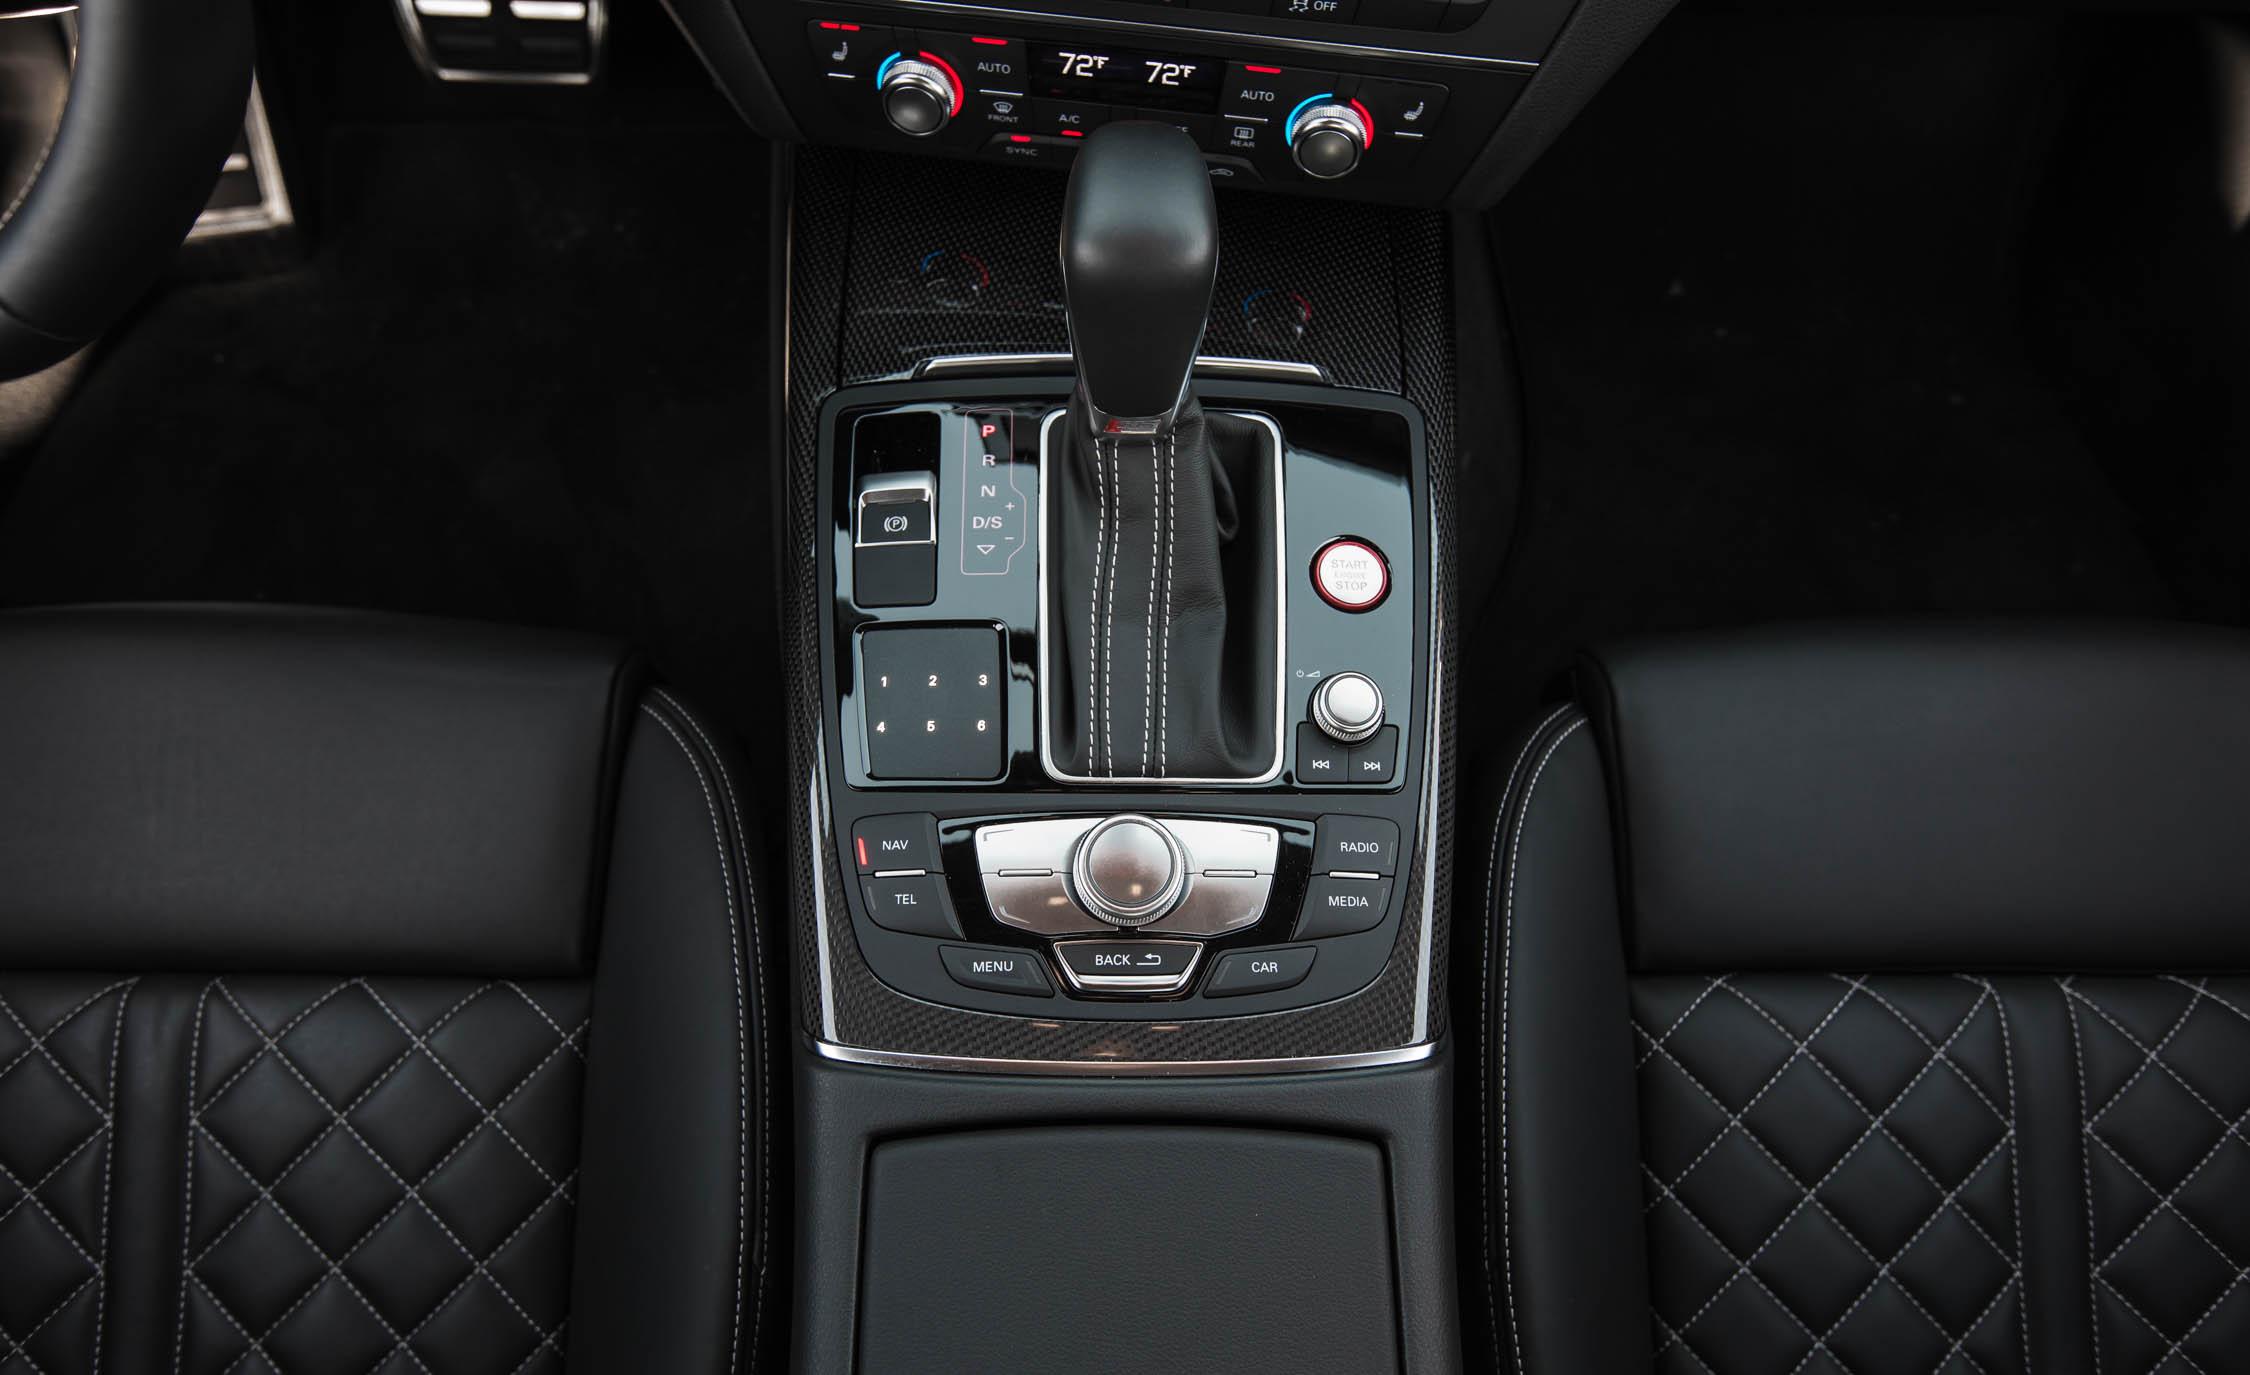 2016 Audi S6 Interior Gear Shift Knob